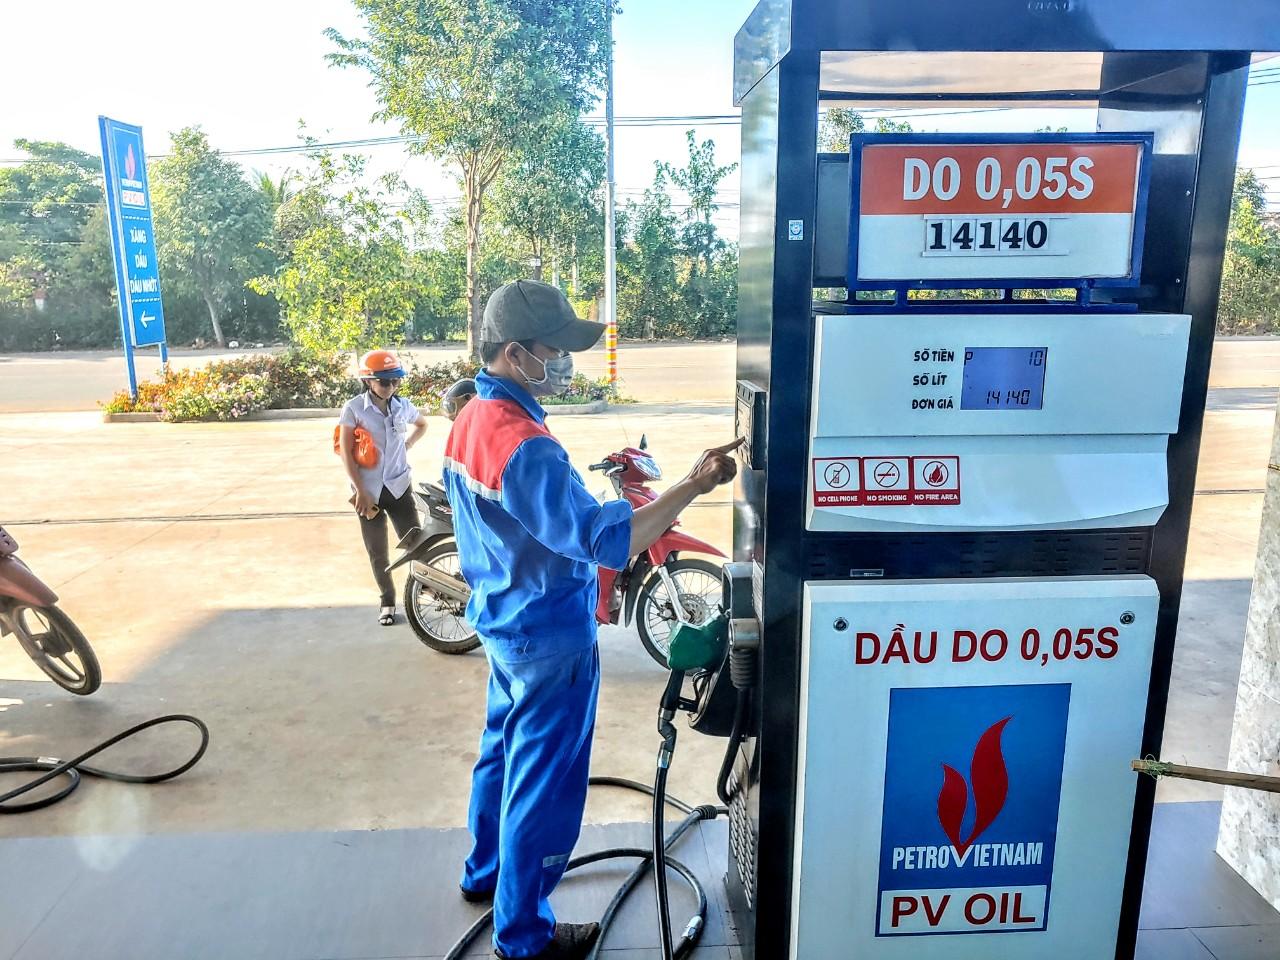 PV OIL lỗ trước thuế 17 tỷ đồng trong tháng 7 và 8 - Ảnh 1.